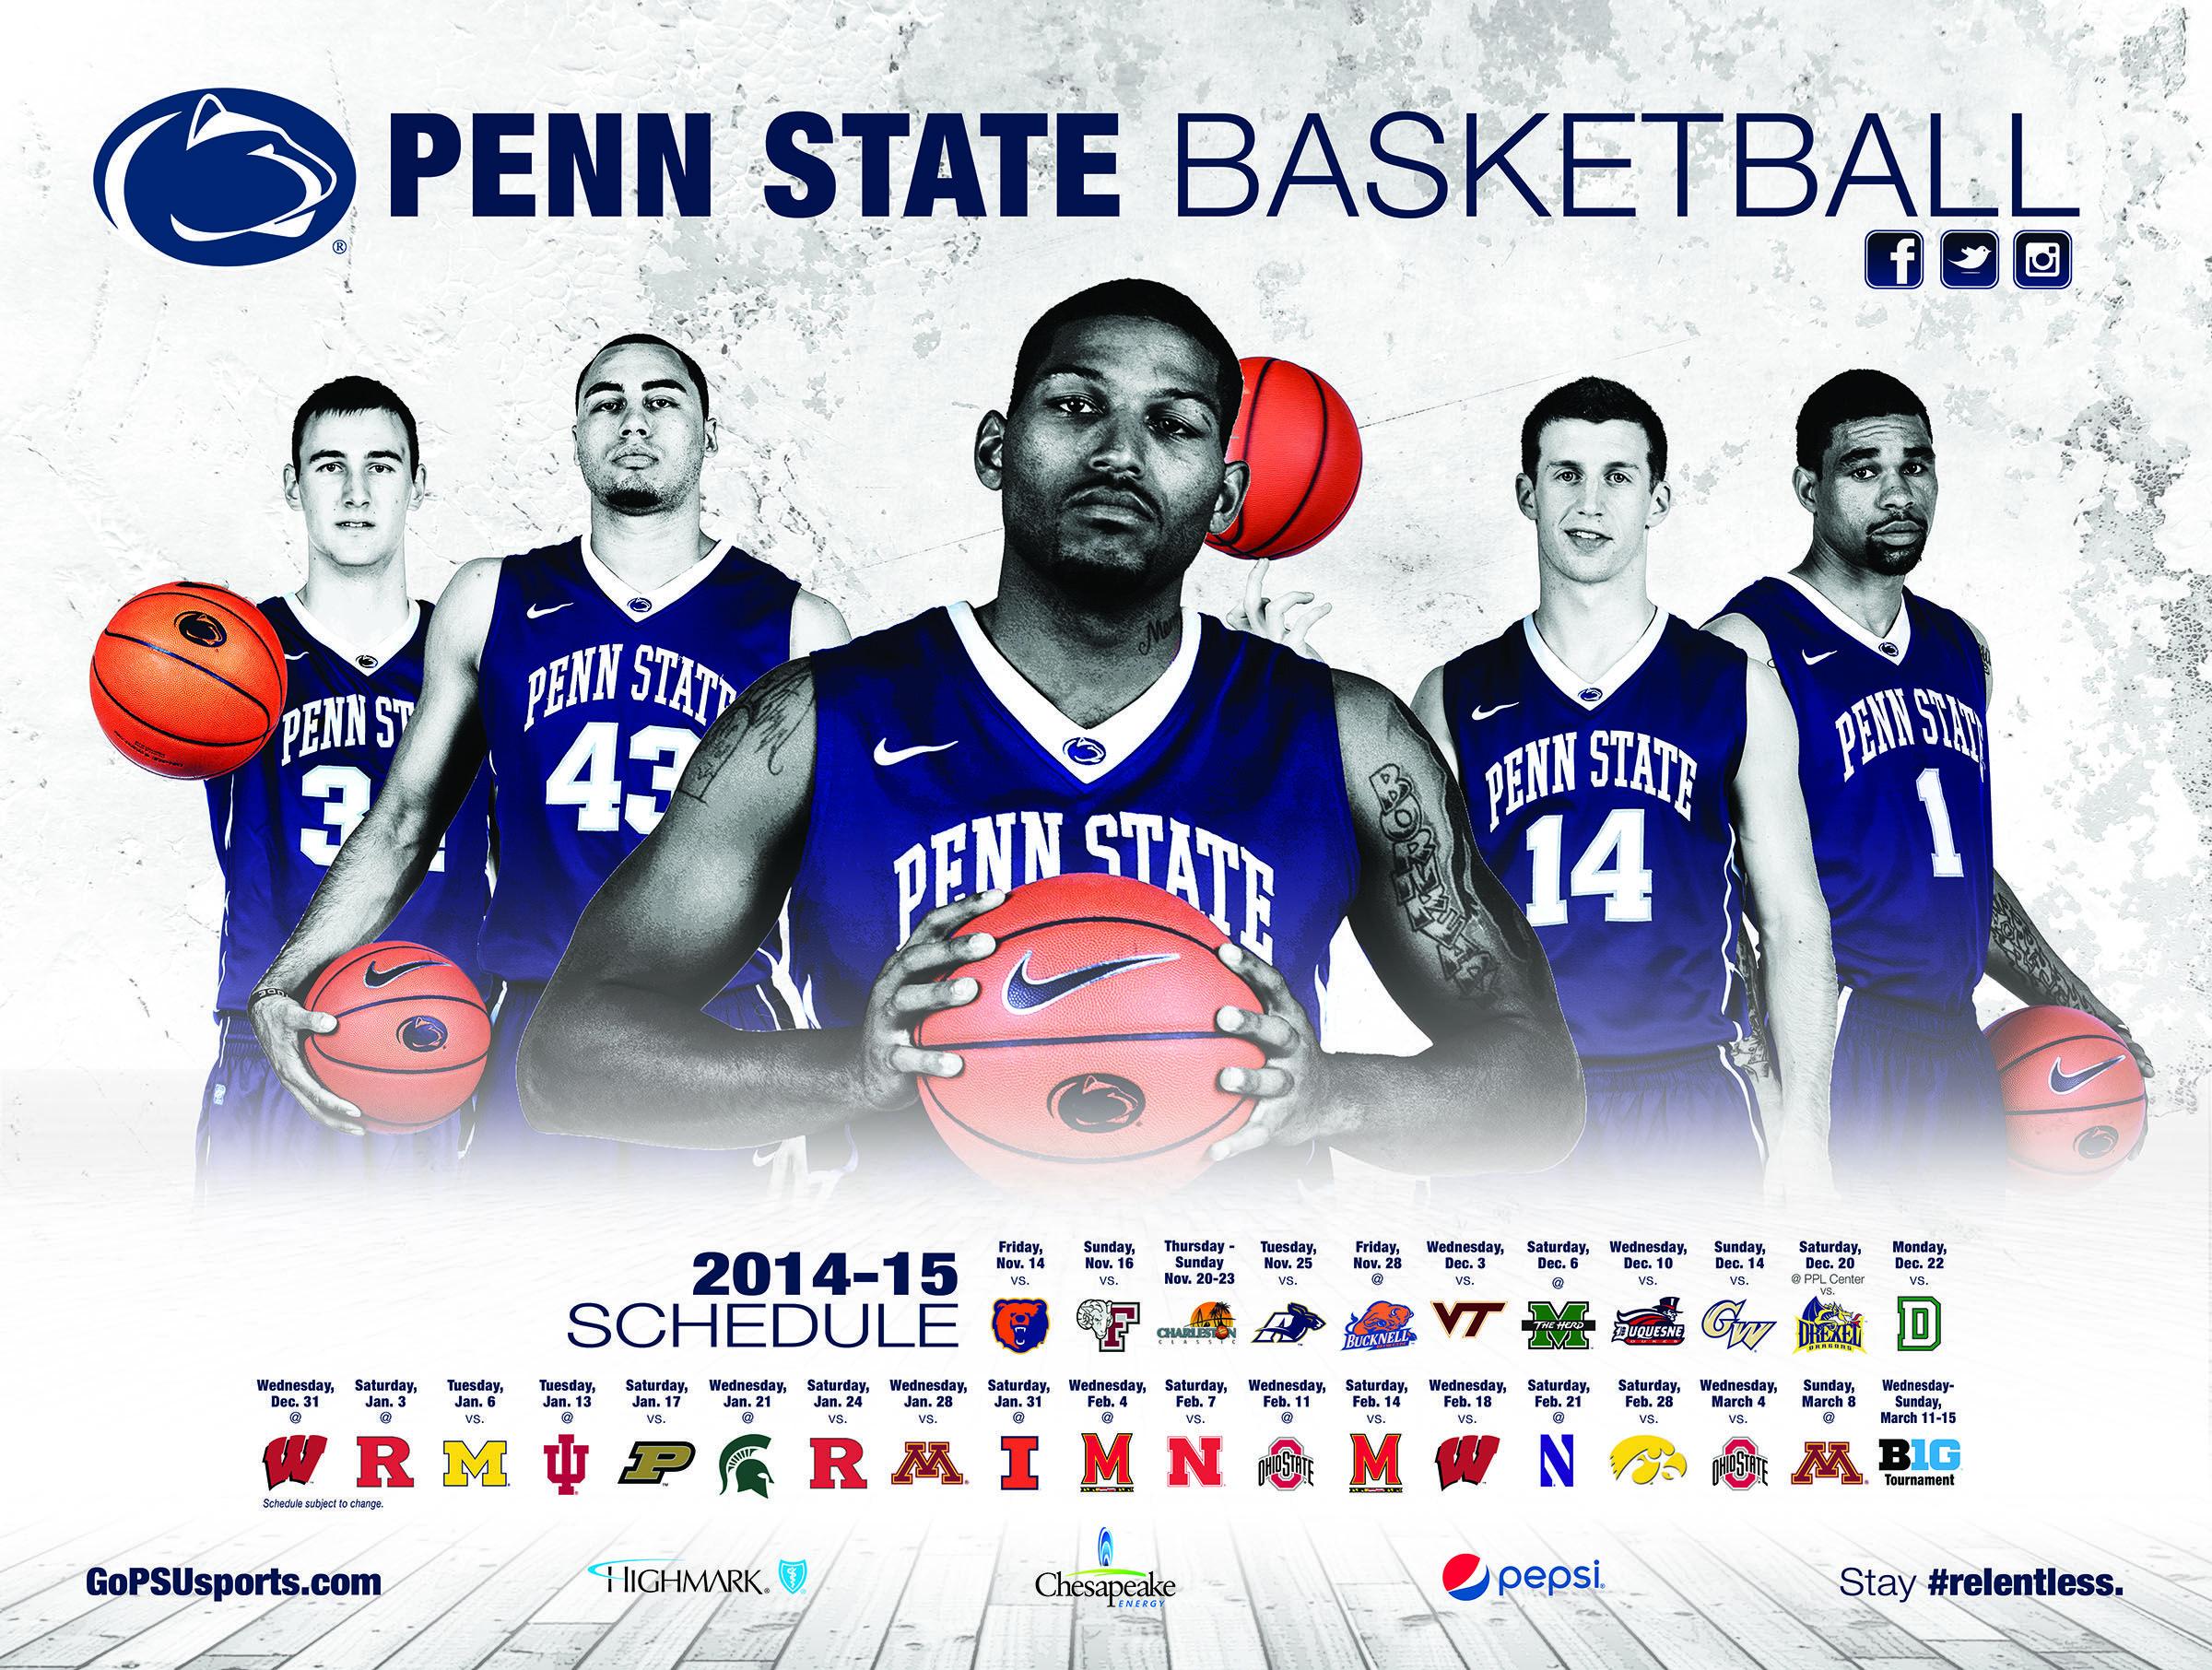 penn state basketball schedule poster #baller | design geek